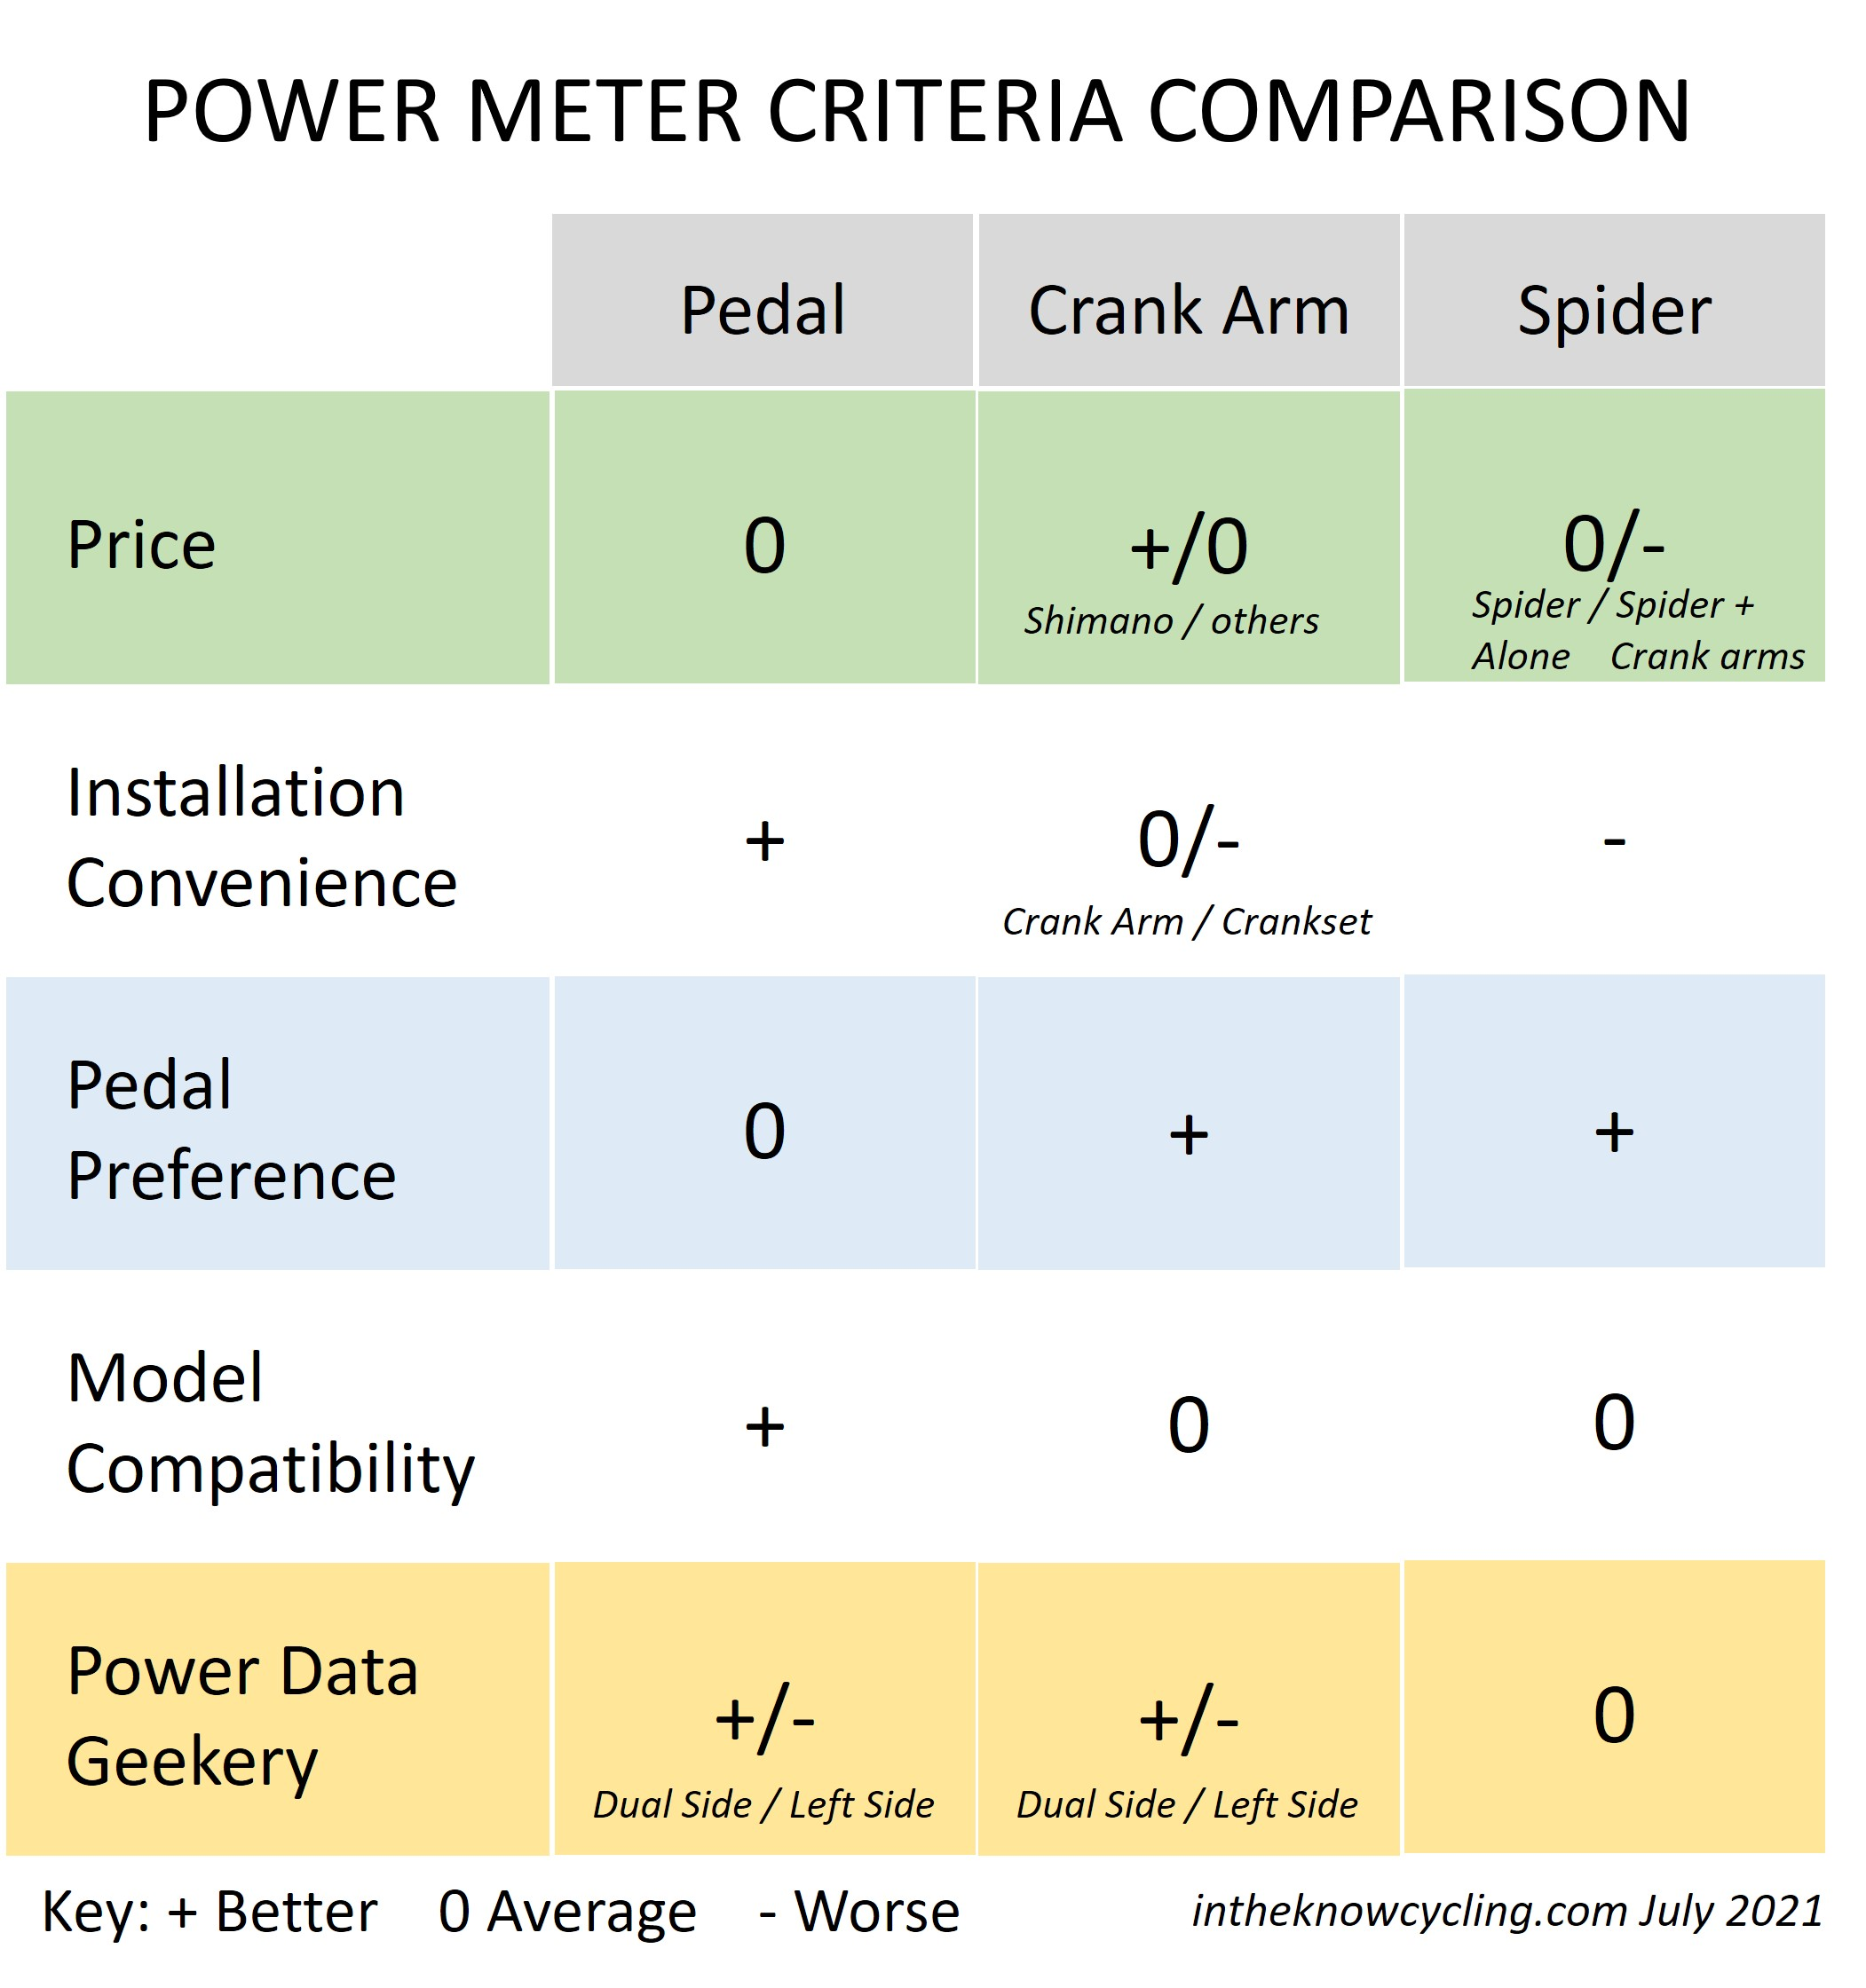 Power meter criteria comparison